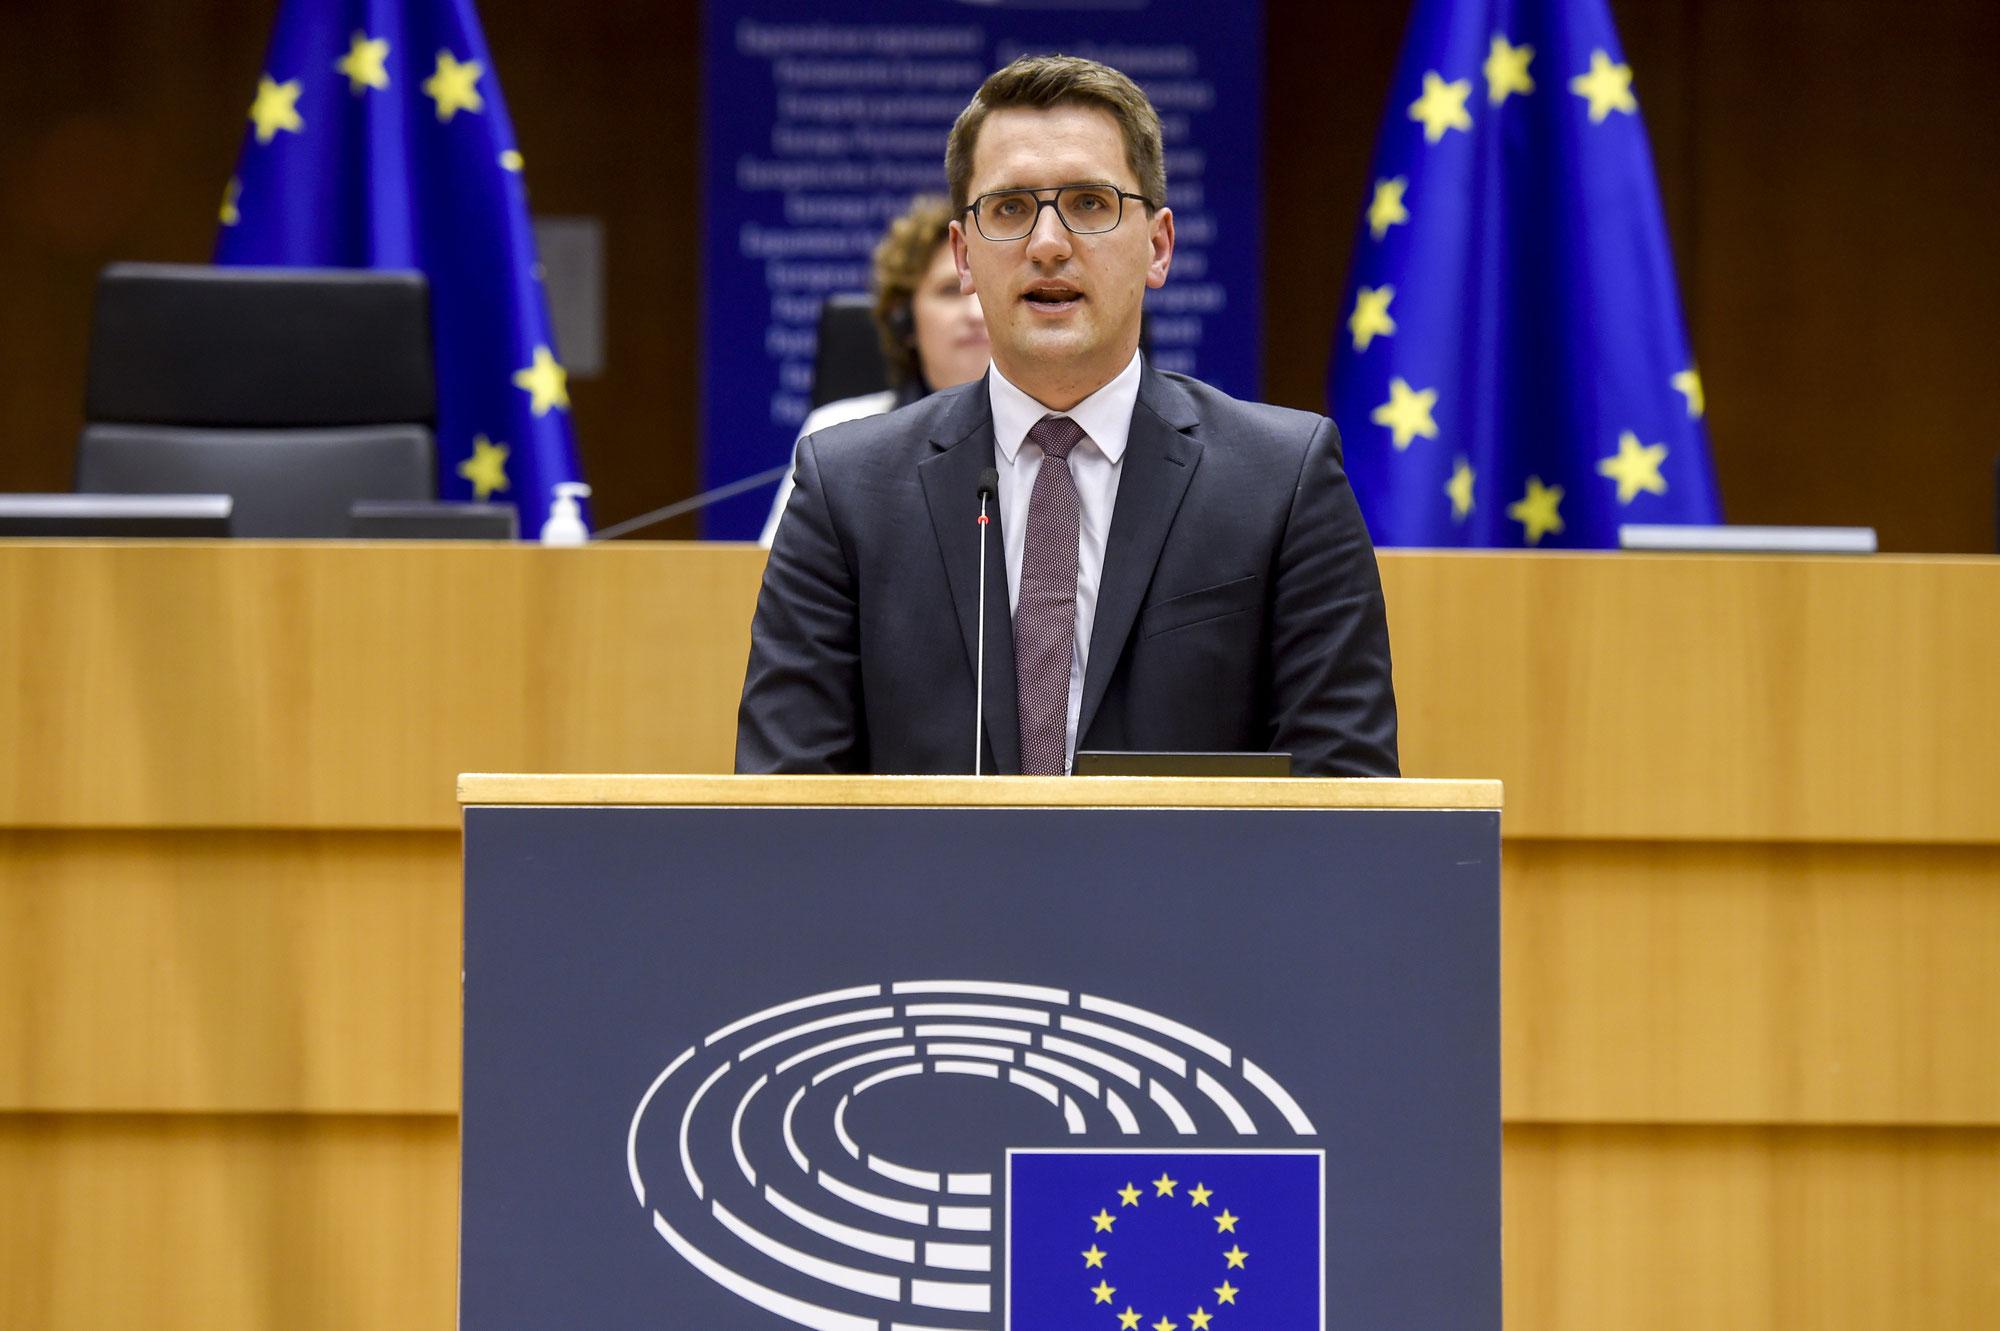 Erfolg für die Zukunft der regionalen Wirtschaftsförderung:  Kommission nimmt Regionalbeihilfen unter Erhöhung des Gesamtplafonds an